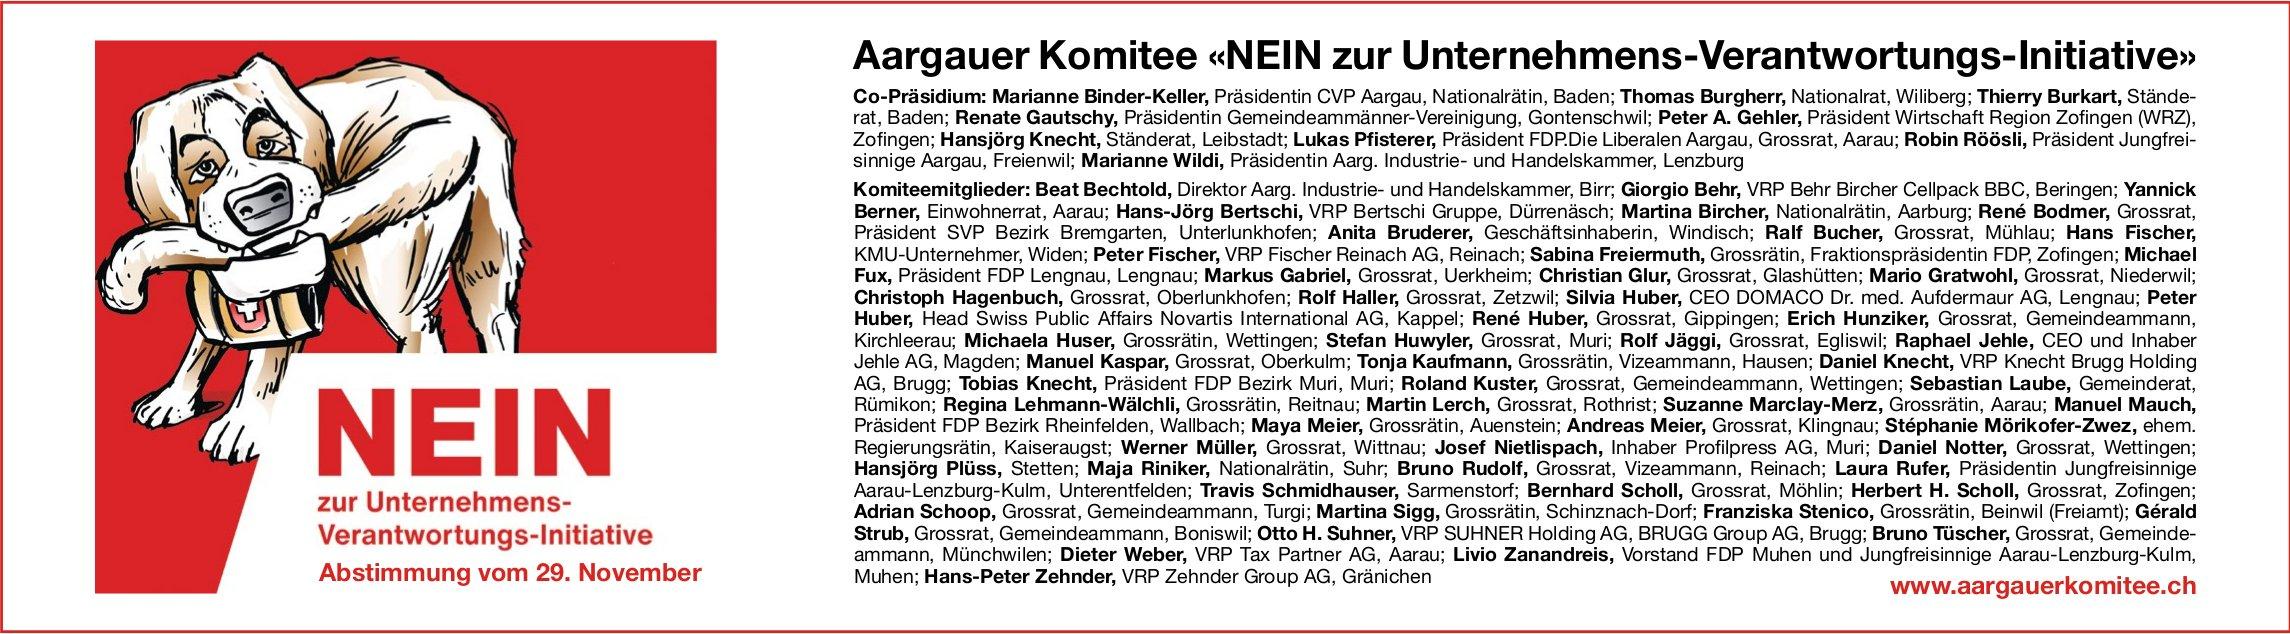 Aargauer Komitee, NEIN zur Unternehmens-Verantwortungs-Initiative